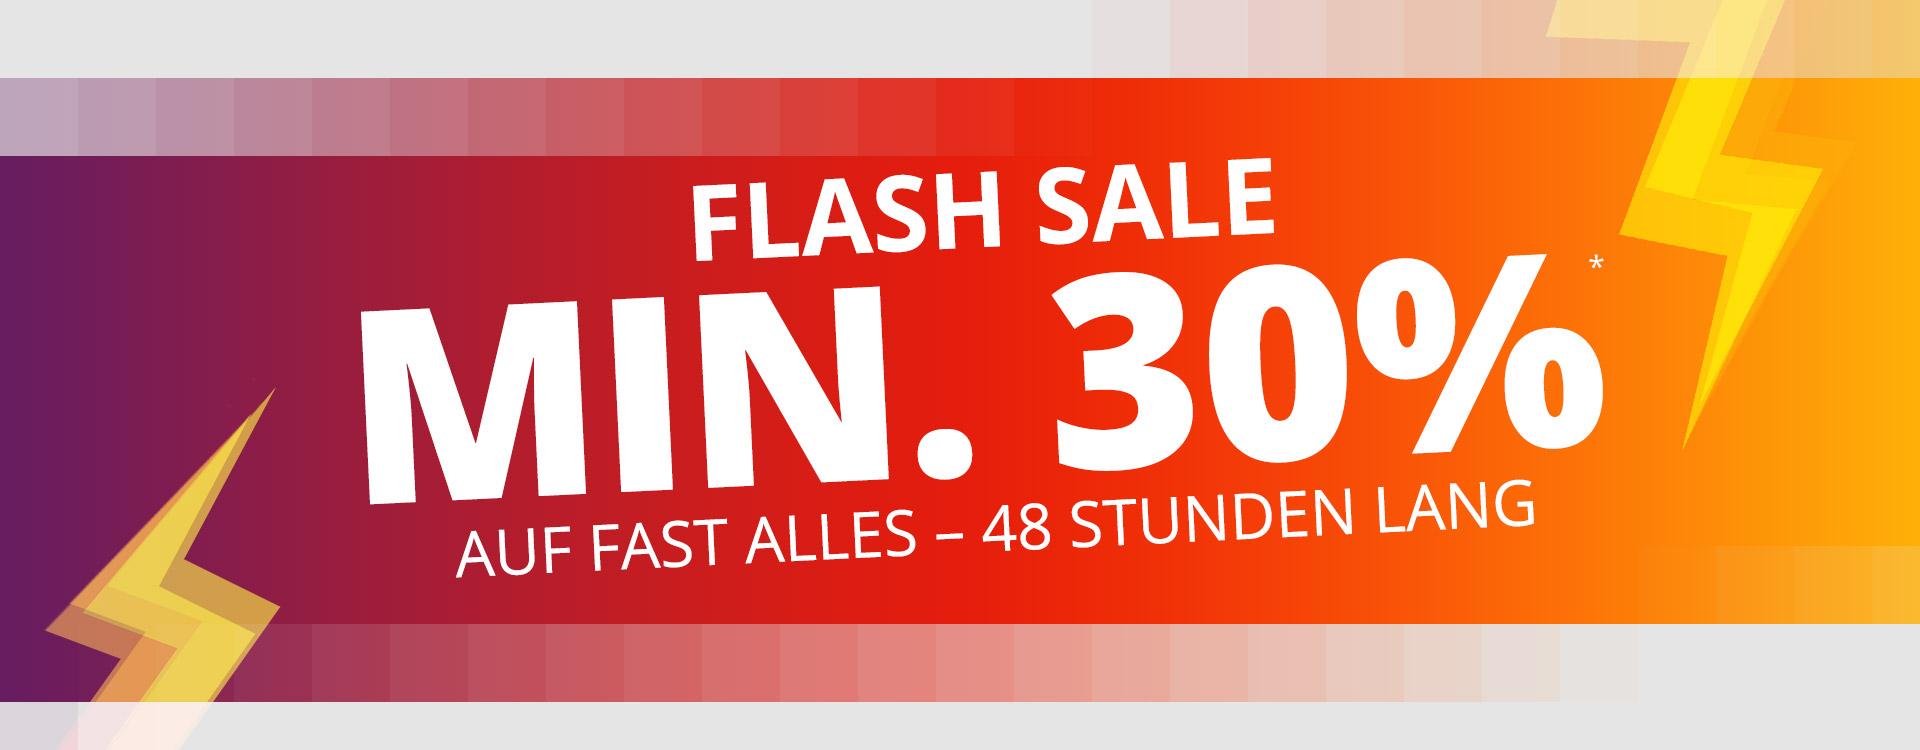 Kicker Flash Sale 30Prozent auf fast alles..